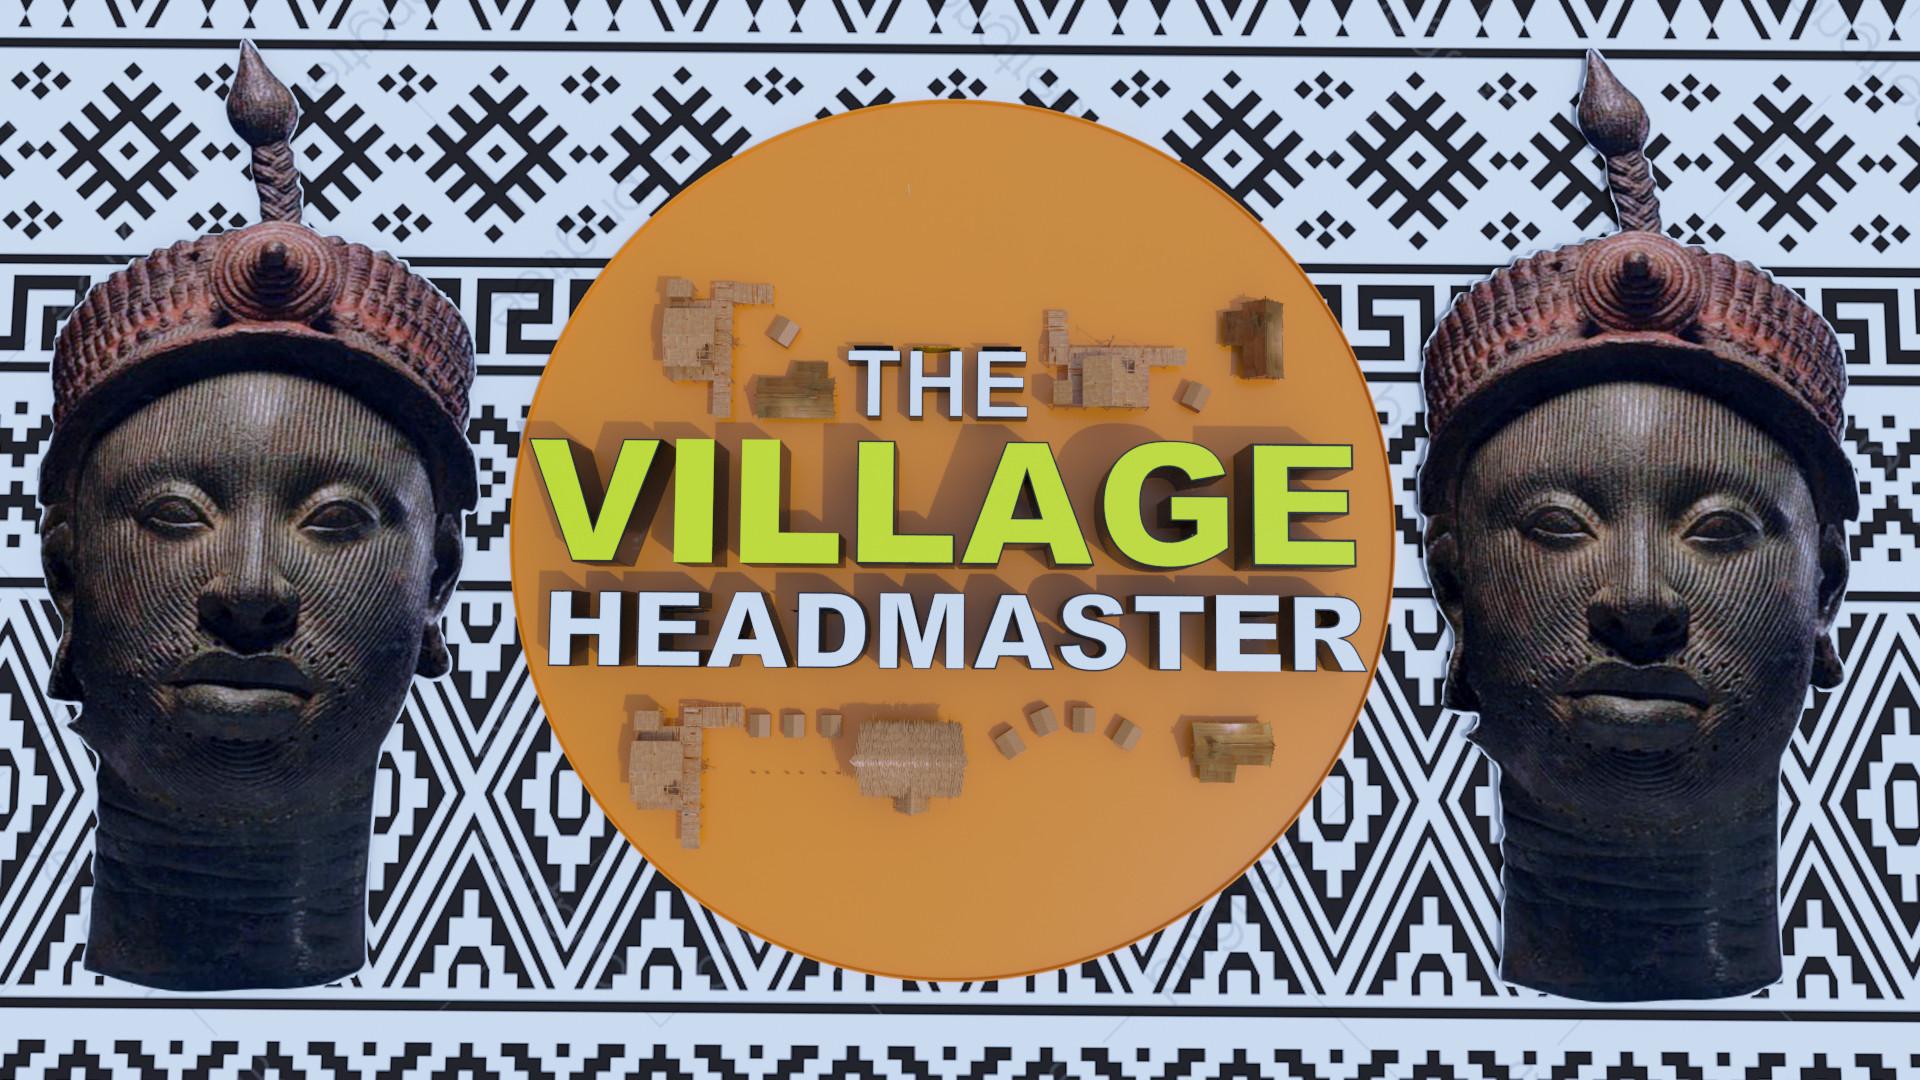 The Village Headmaster released lindaikejisblog